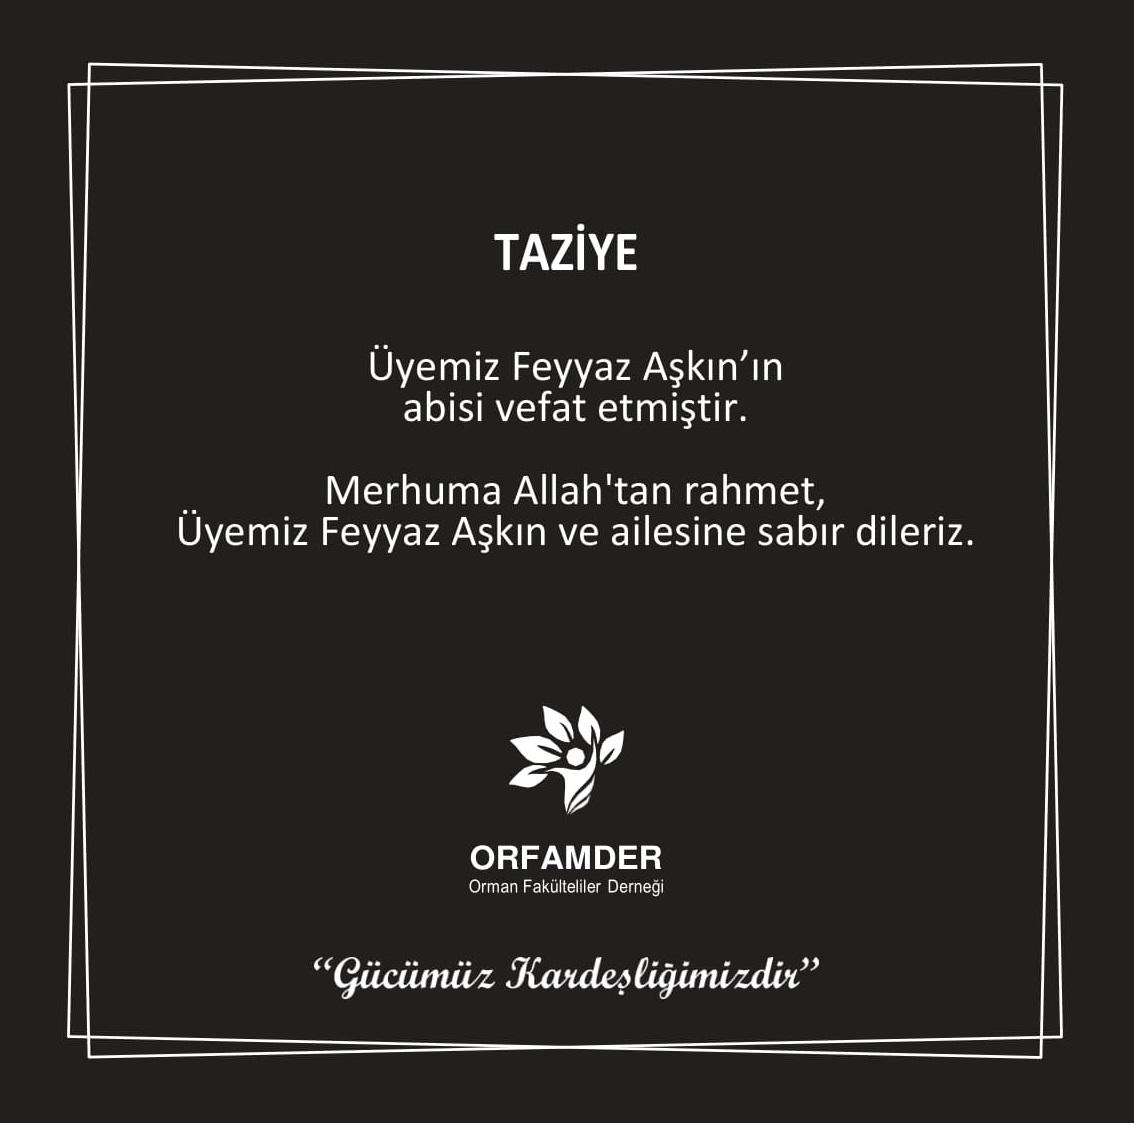 4- feyyaz aşkın (abisi) (17.04.2020)